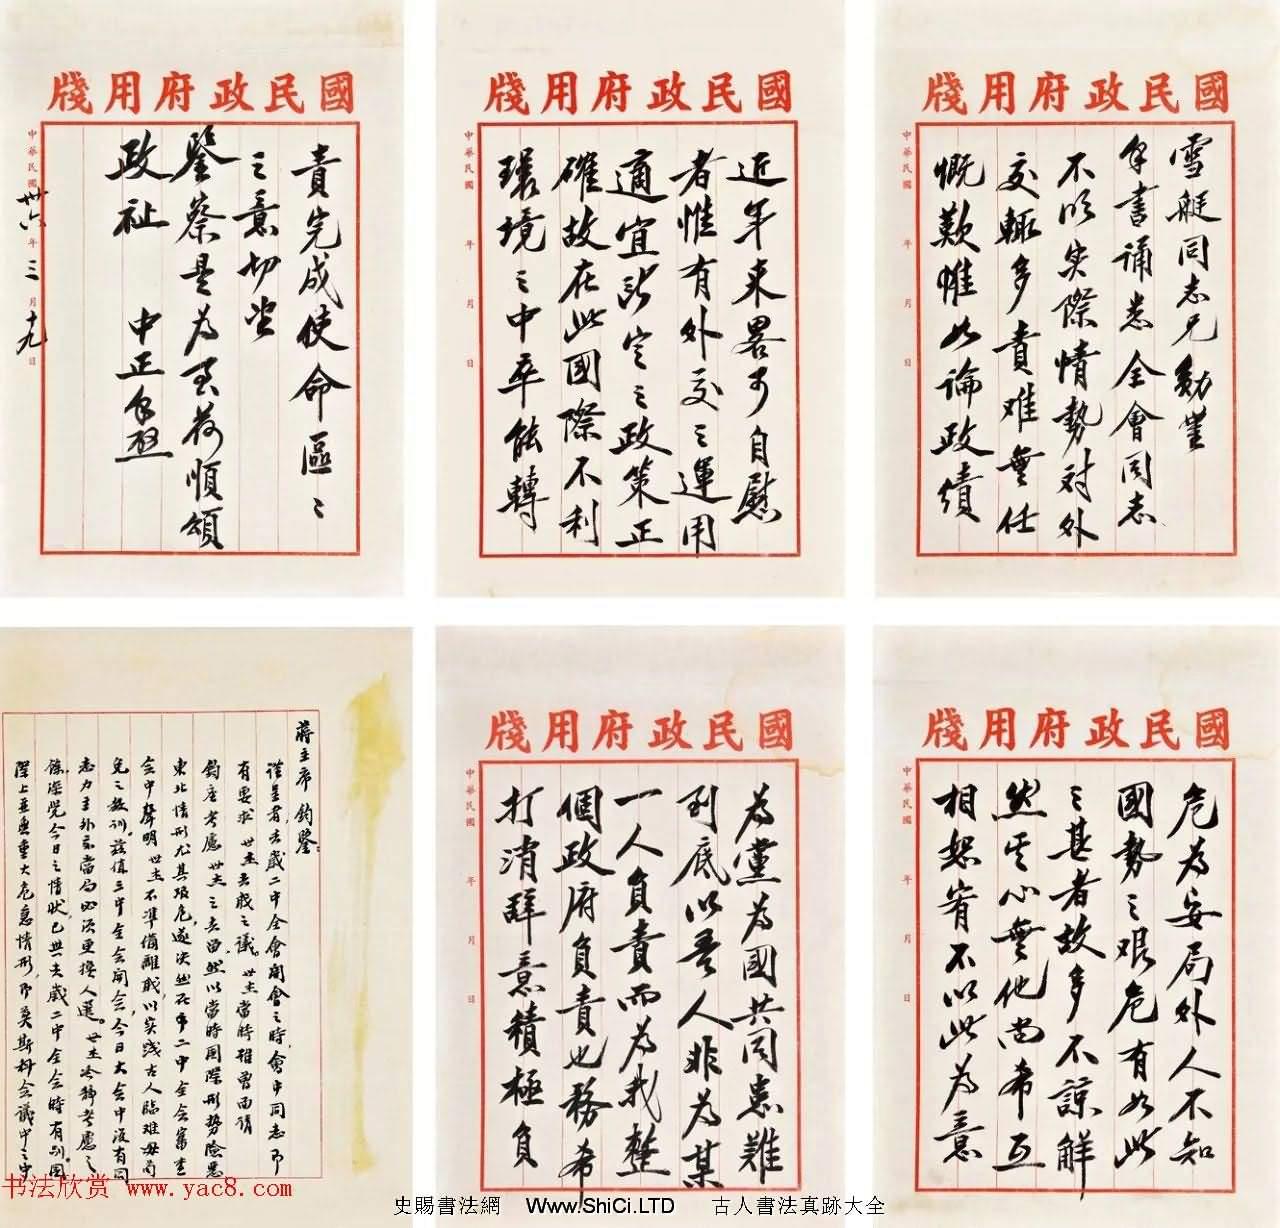 蔣介石致王世傑信札1通(共5張圖片)